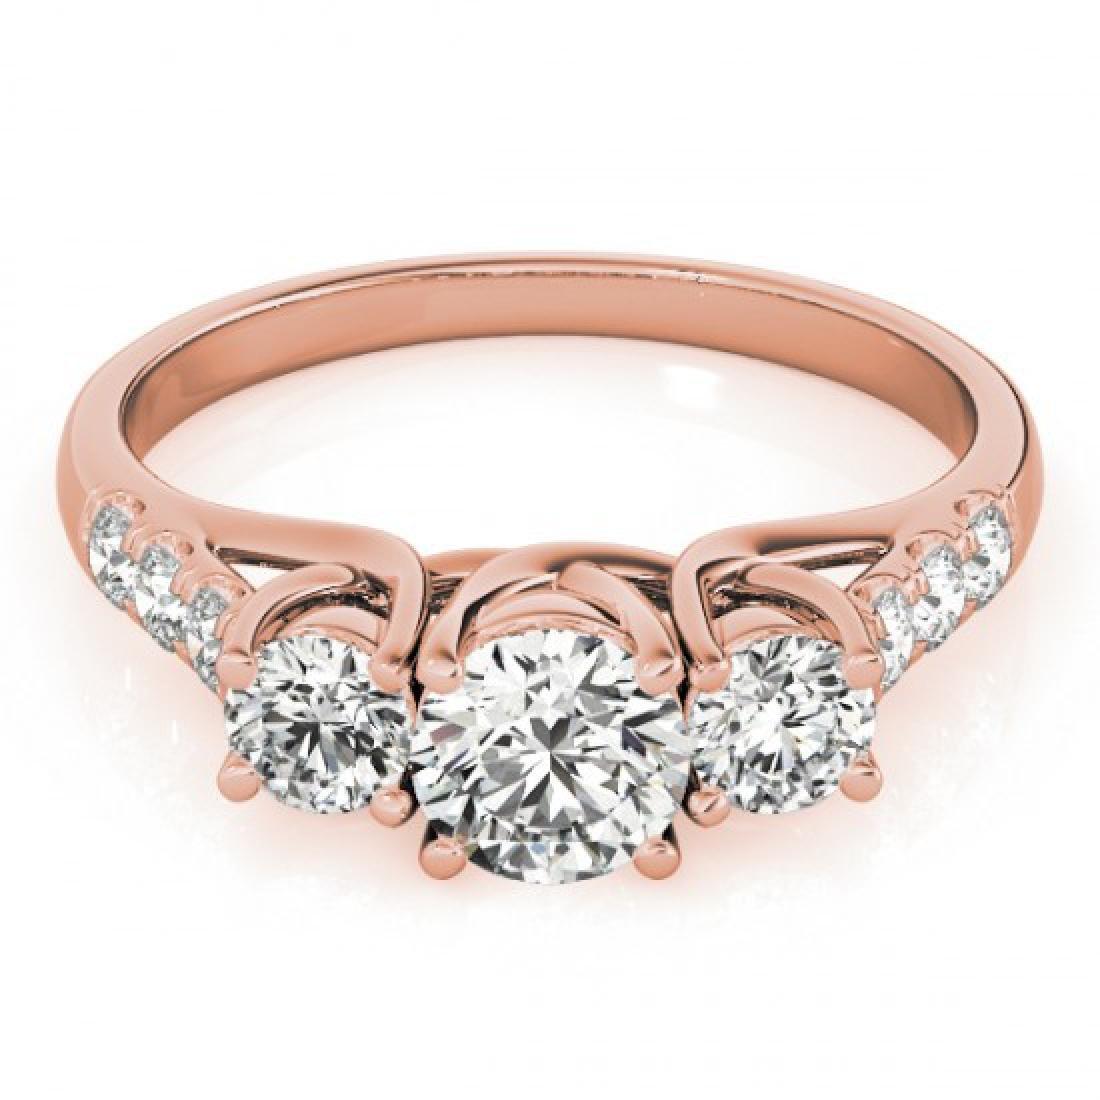 0.75 CTW Certified VS/SI Diamond 3 Stone Ring 14K Rose